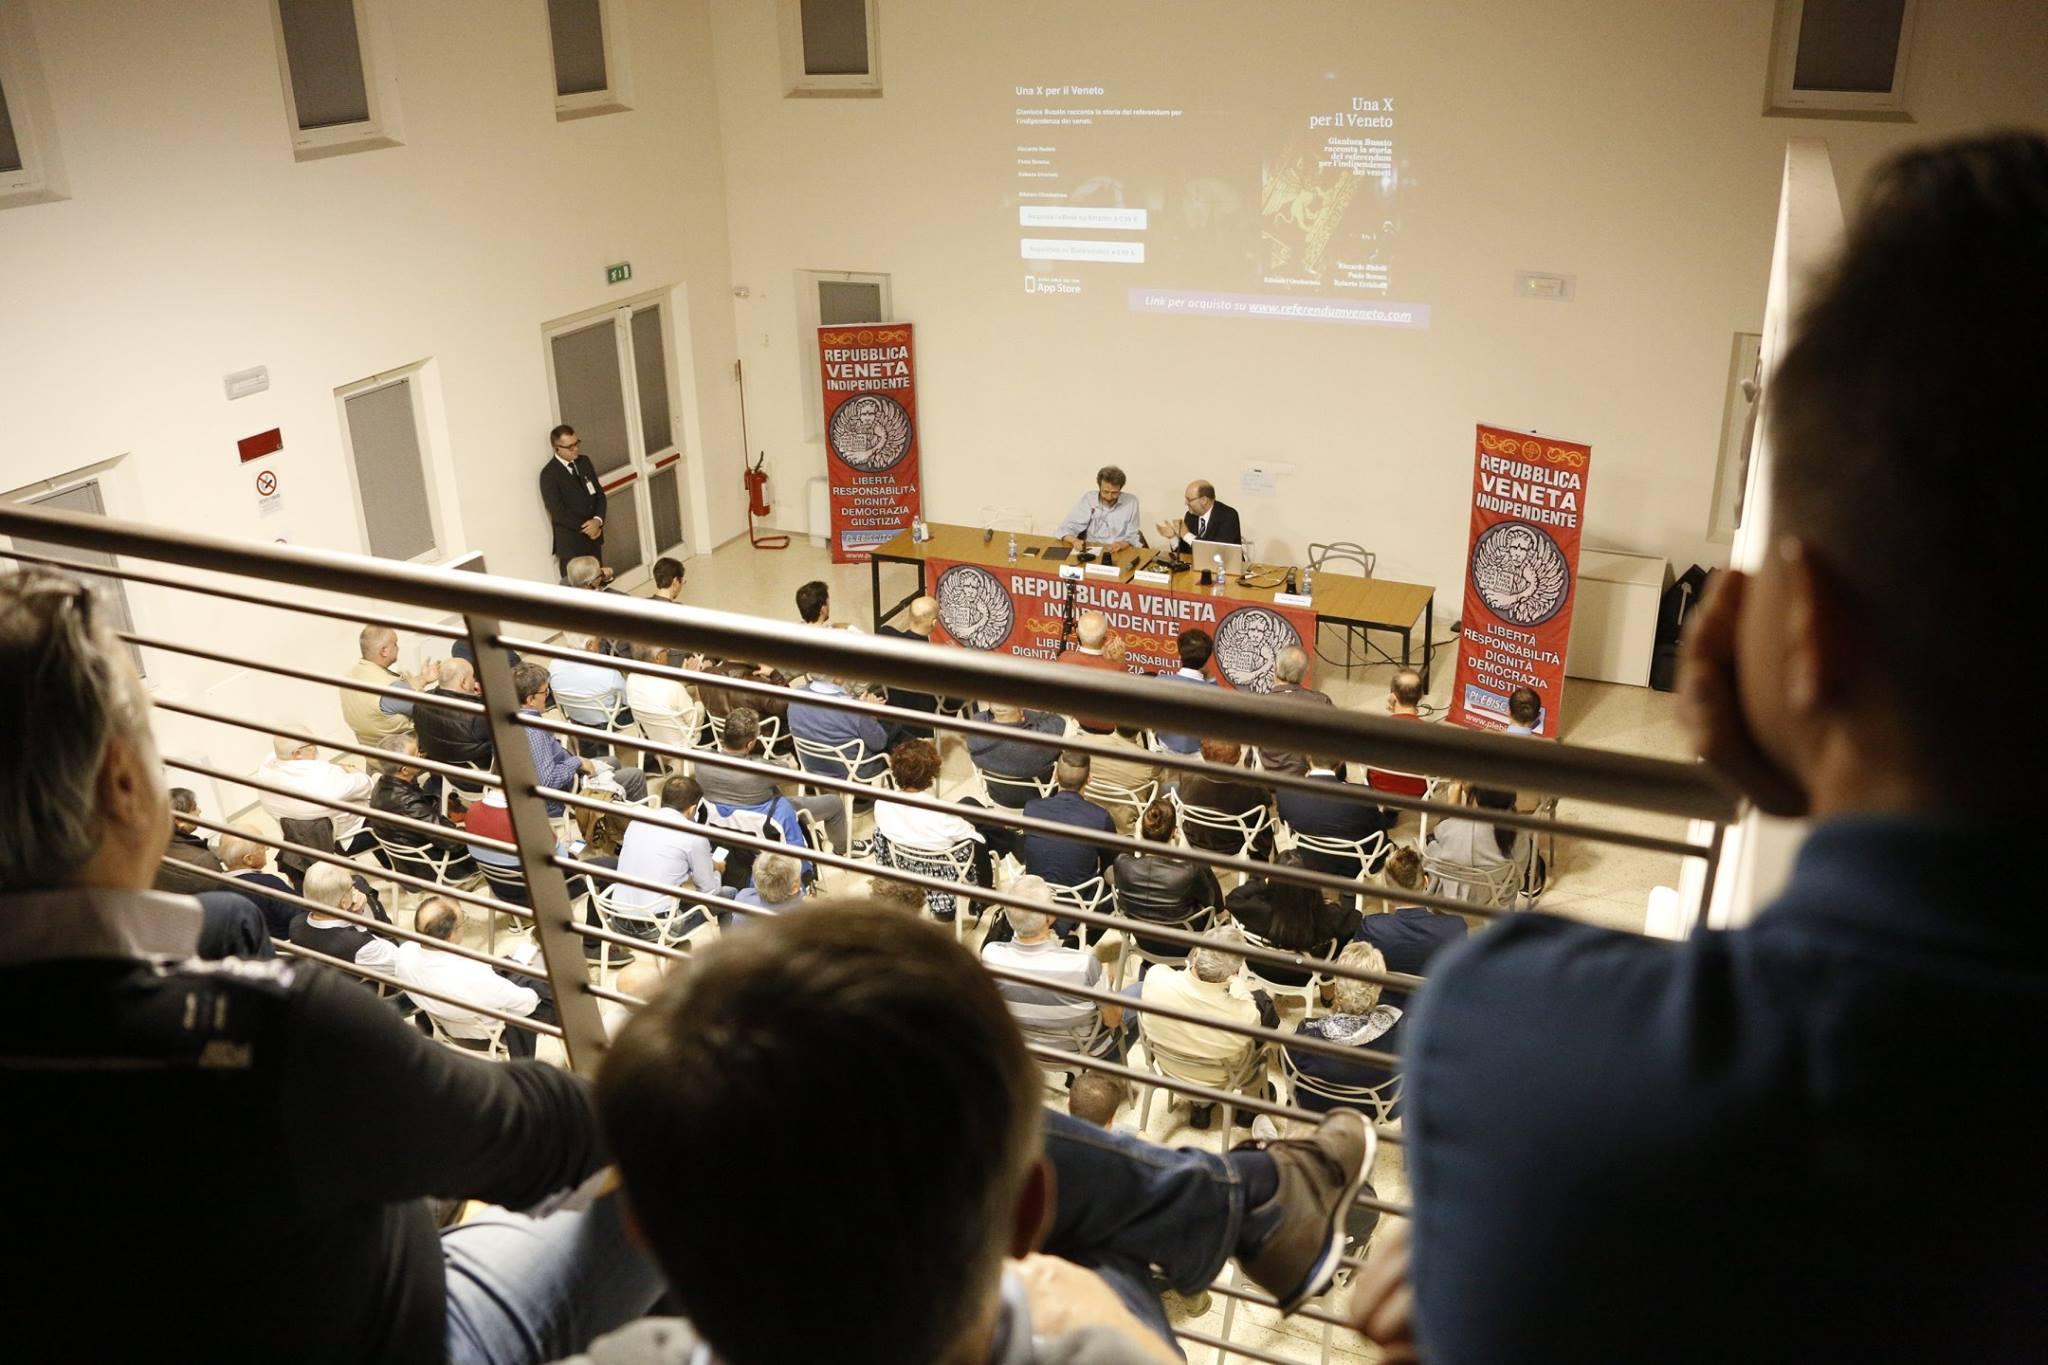 """Grande successo per l'evento""""Veneto, Euro, Sovranismo, Indipendenza"""" organizzato da Plebiscito.eu, che lancia una nuova stagione di presentazioni e riapre le iscrizioni per gli attivisti Giovedì scorso, nel consueto silenzio dei media italiani, a Silea, alle porte di Treviso, si è tenuto il primo evento autunnale organizzato da Plebiscito.eu. In una sala gremita, le oltre 150 […]"""